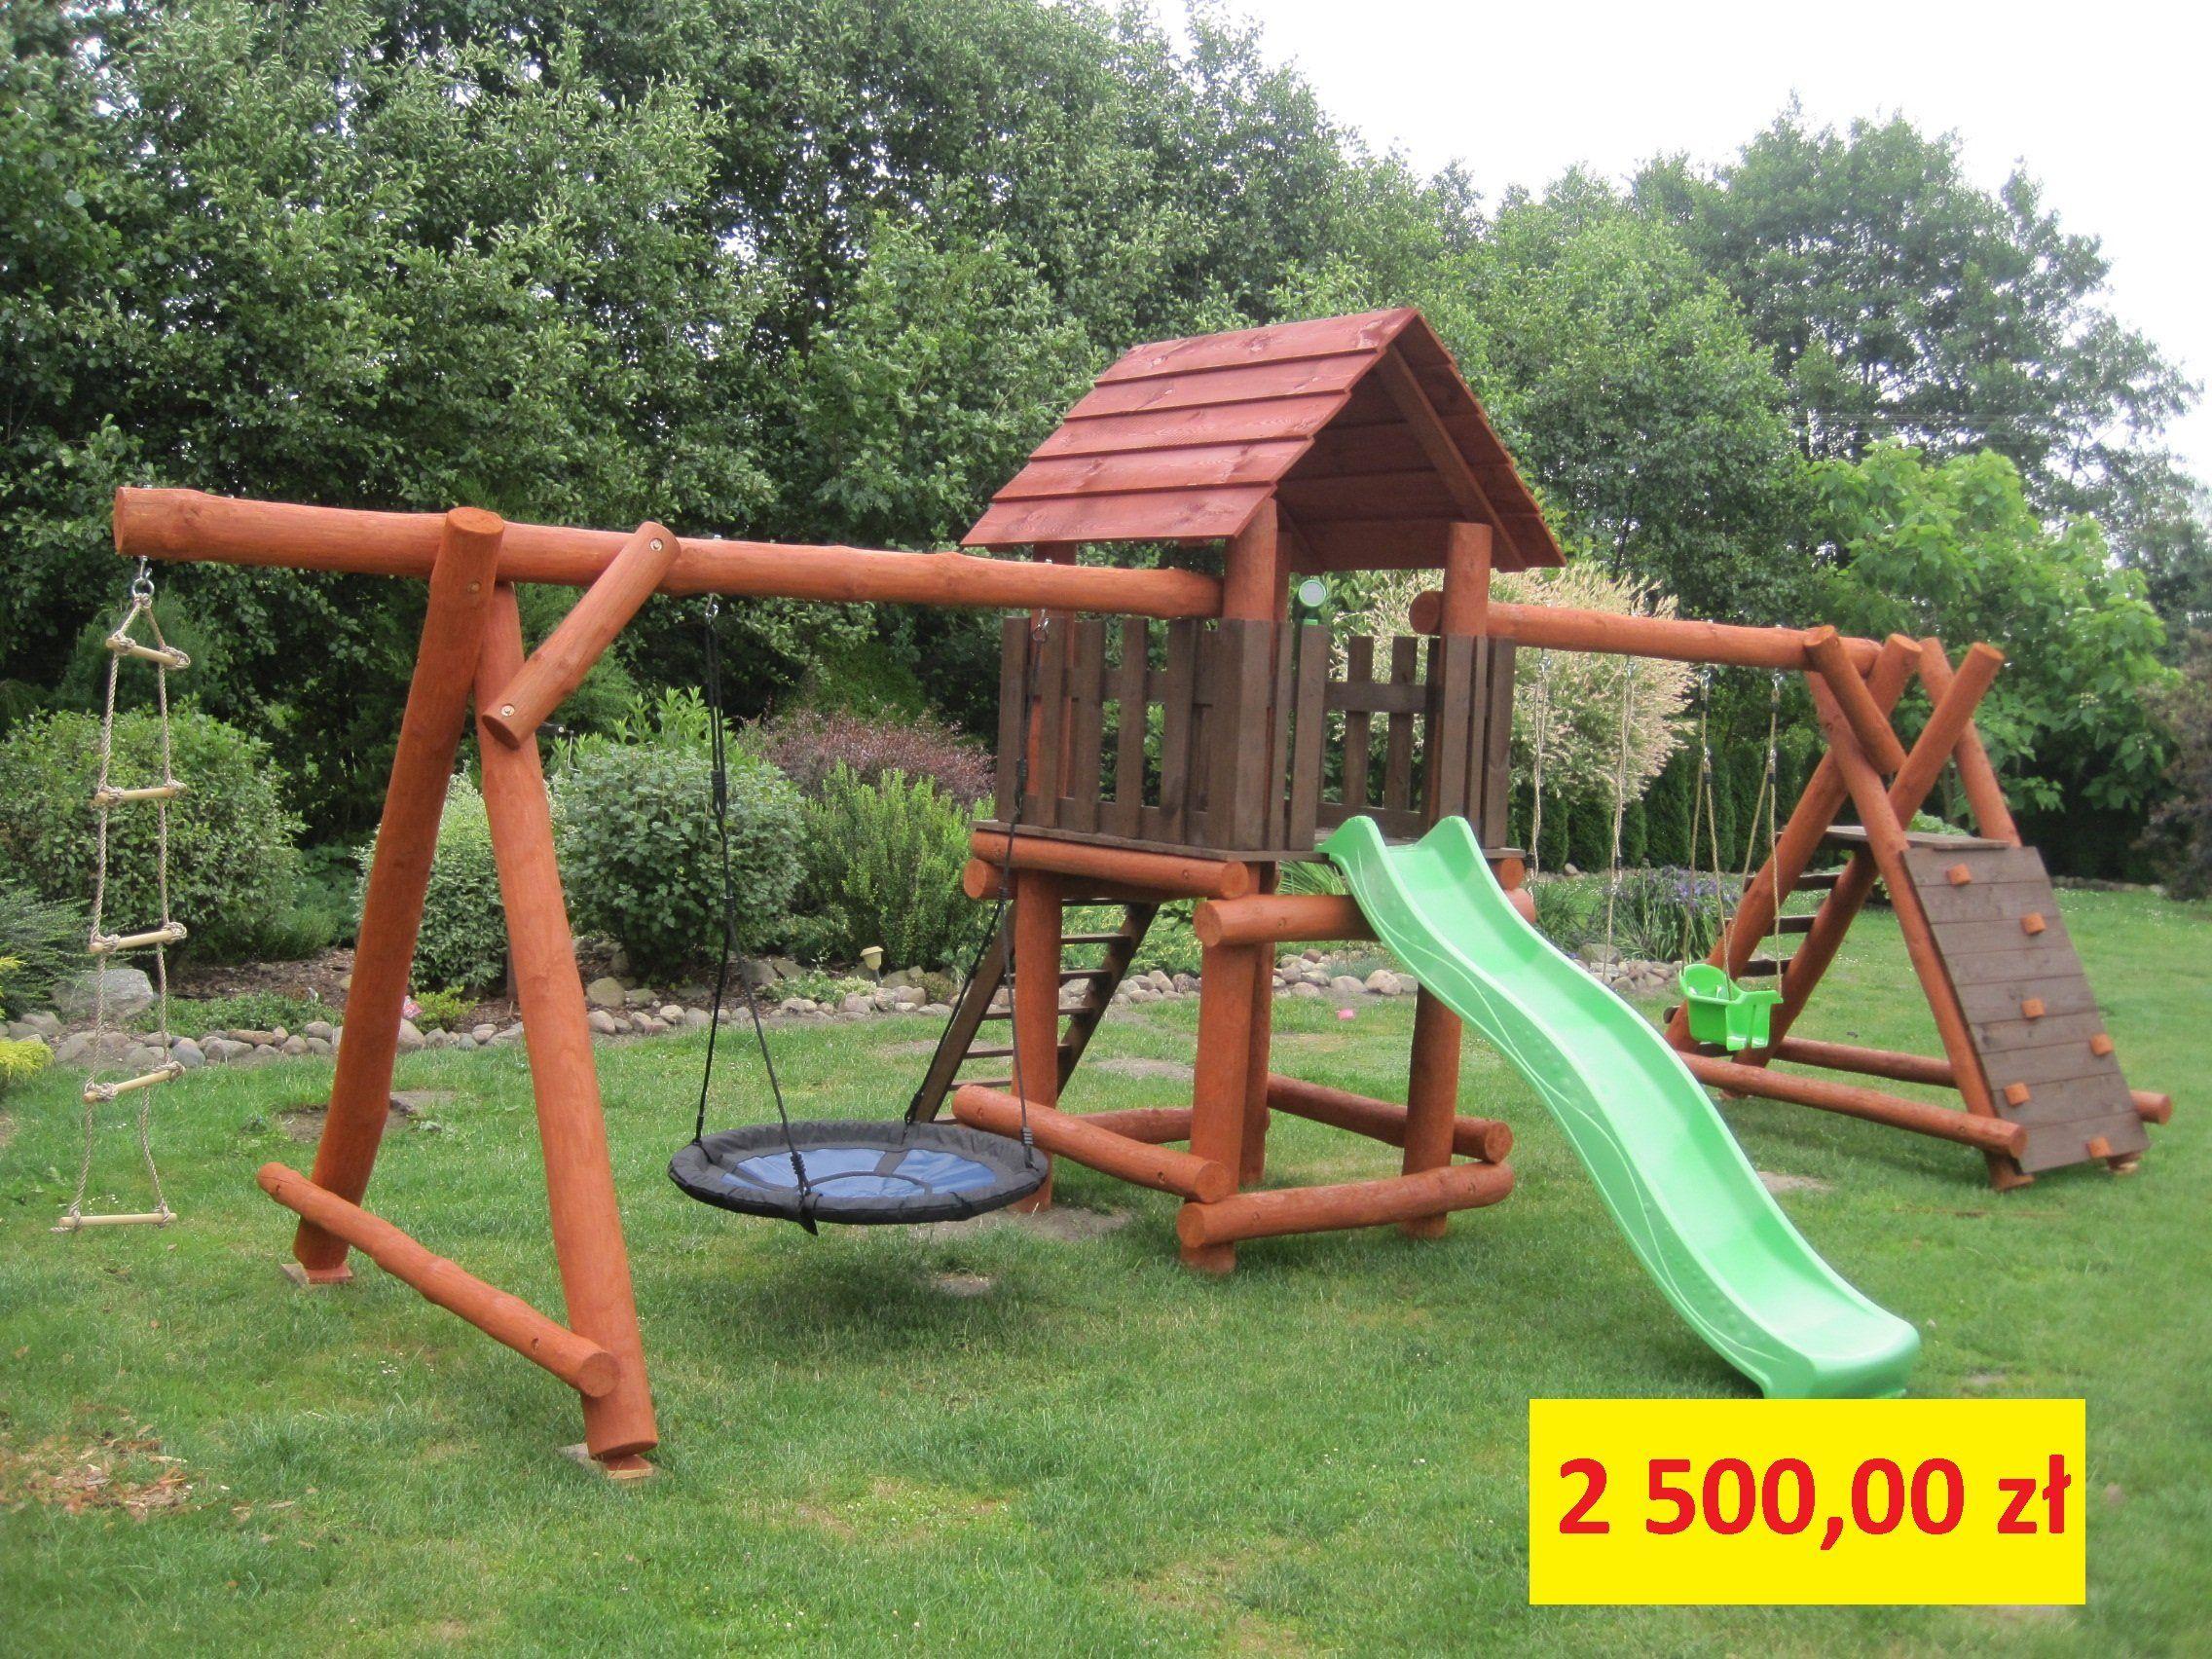 Drewniany Plac Zabaw Dla Dzieci Woj Lodzkie 6673888616 Oficjalne Archiwum Allegro Playset Outdoor Outdoor Decor Playground